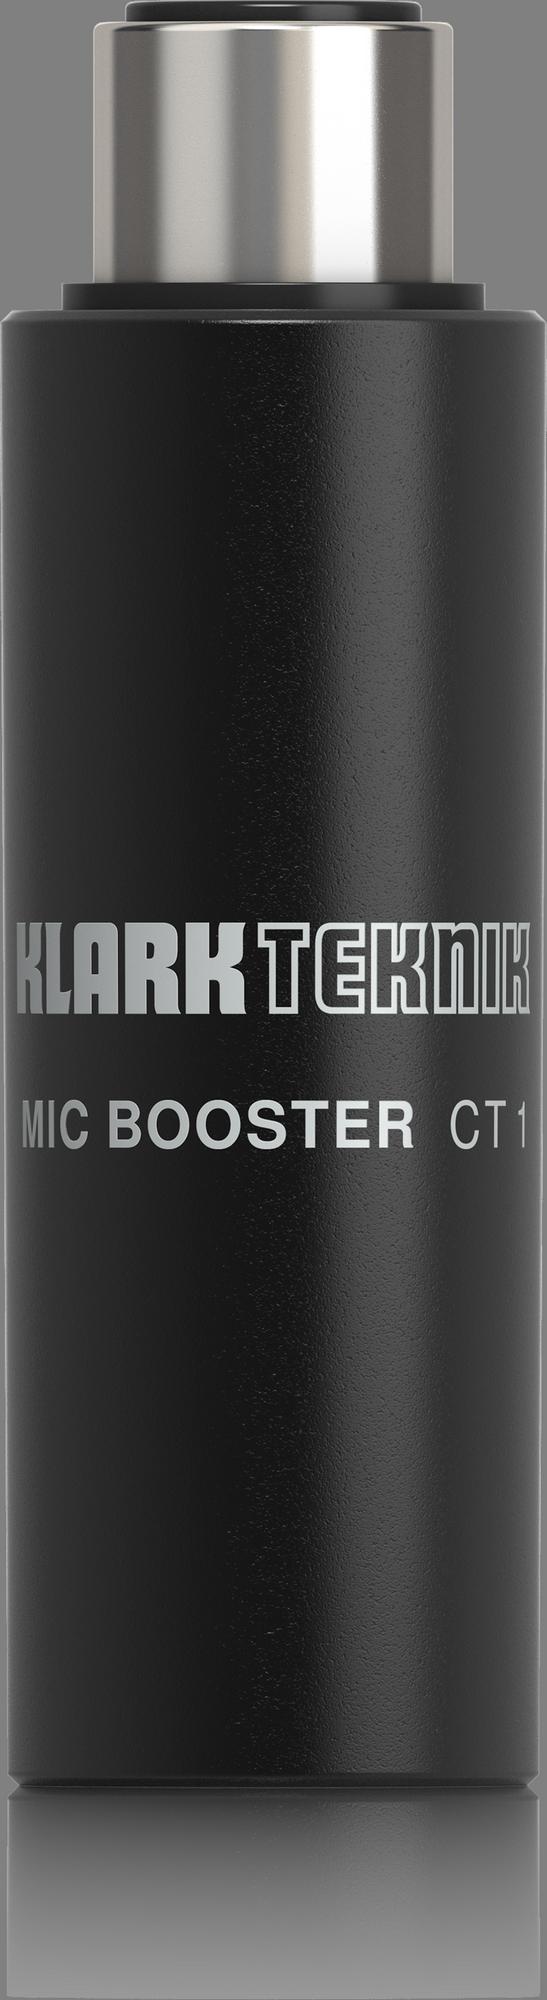 Klark Teknik MIC BOOSTER CT 1